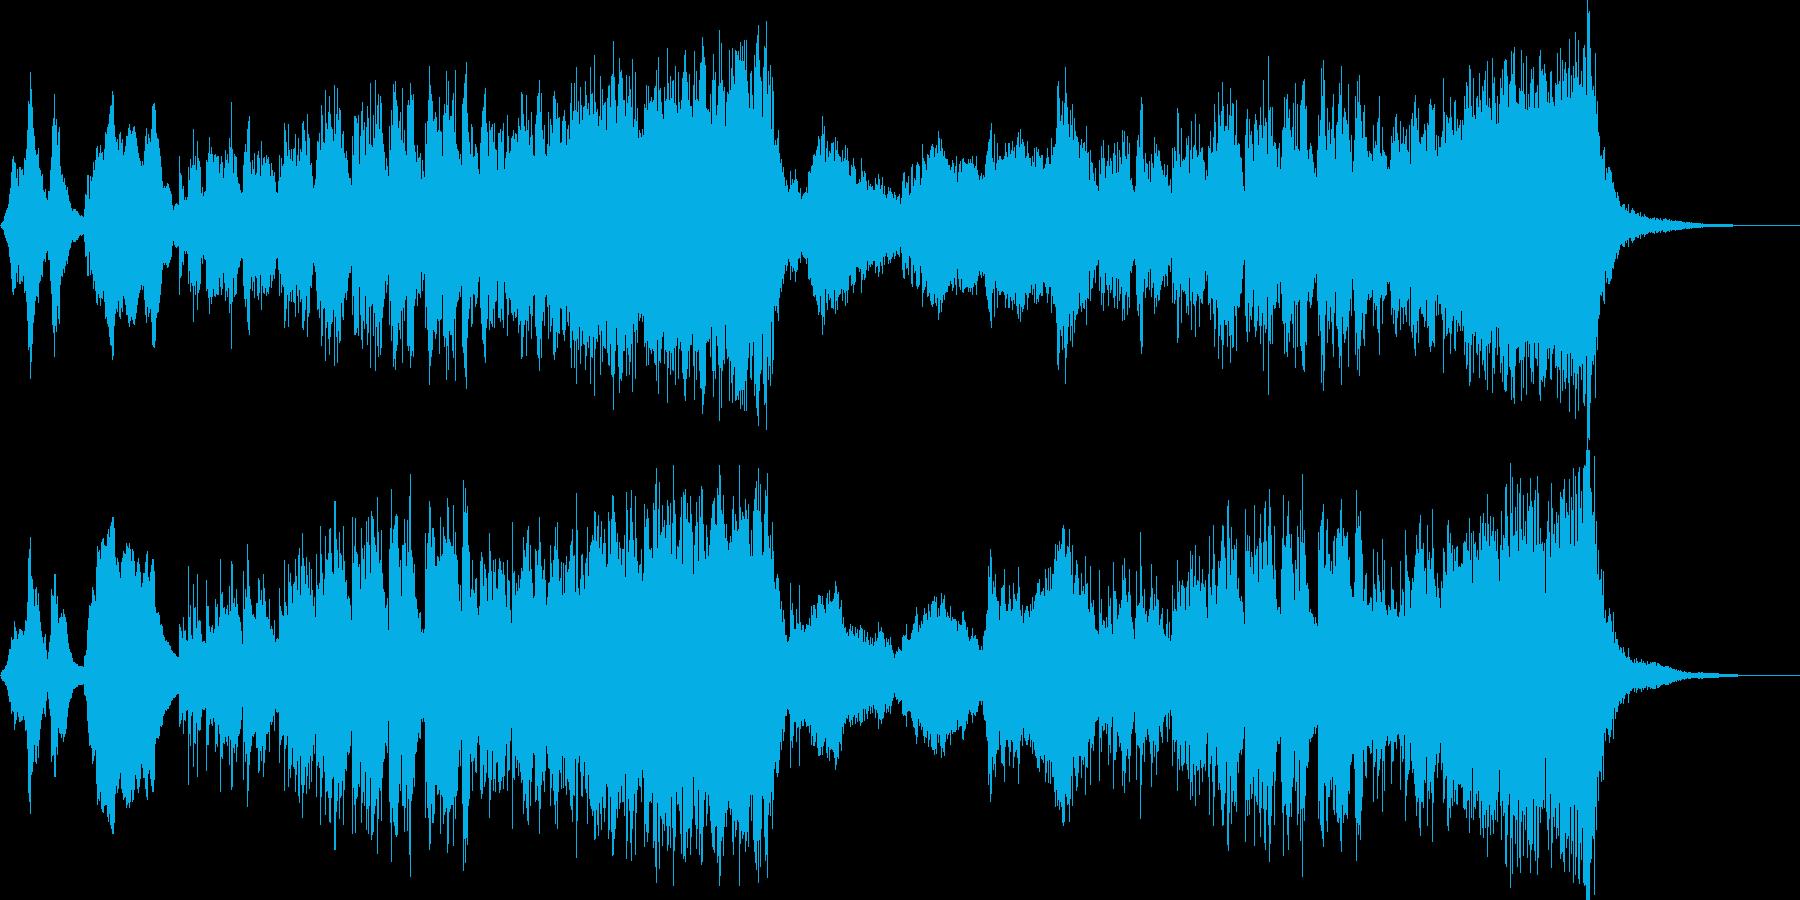 コミカル・パニックな木琴オーケストラの再生済みの波形